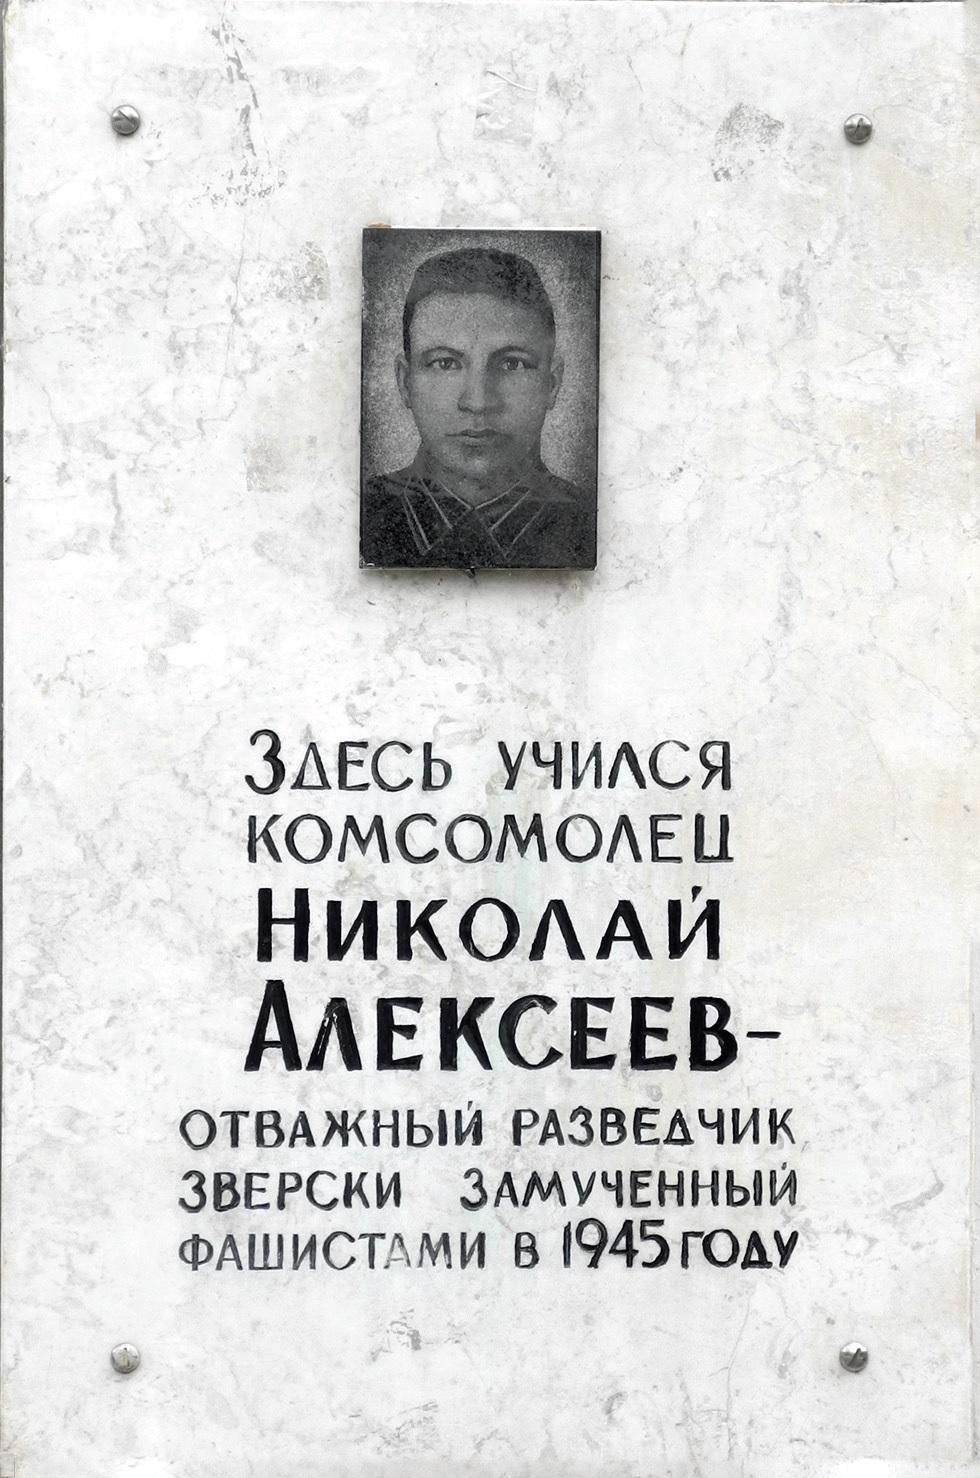 Памятная доска. Источник: http://народнаяпамять.рф/node/261